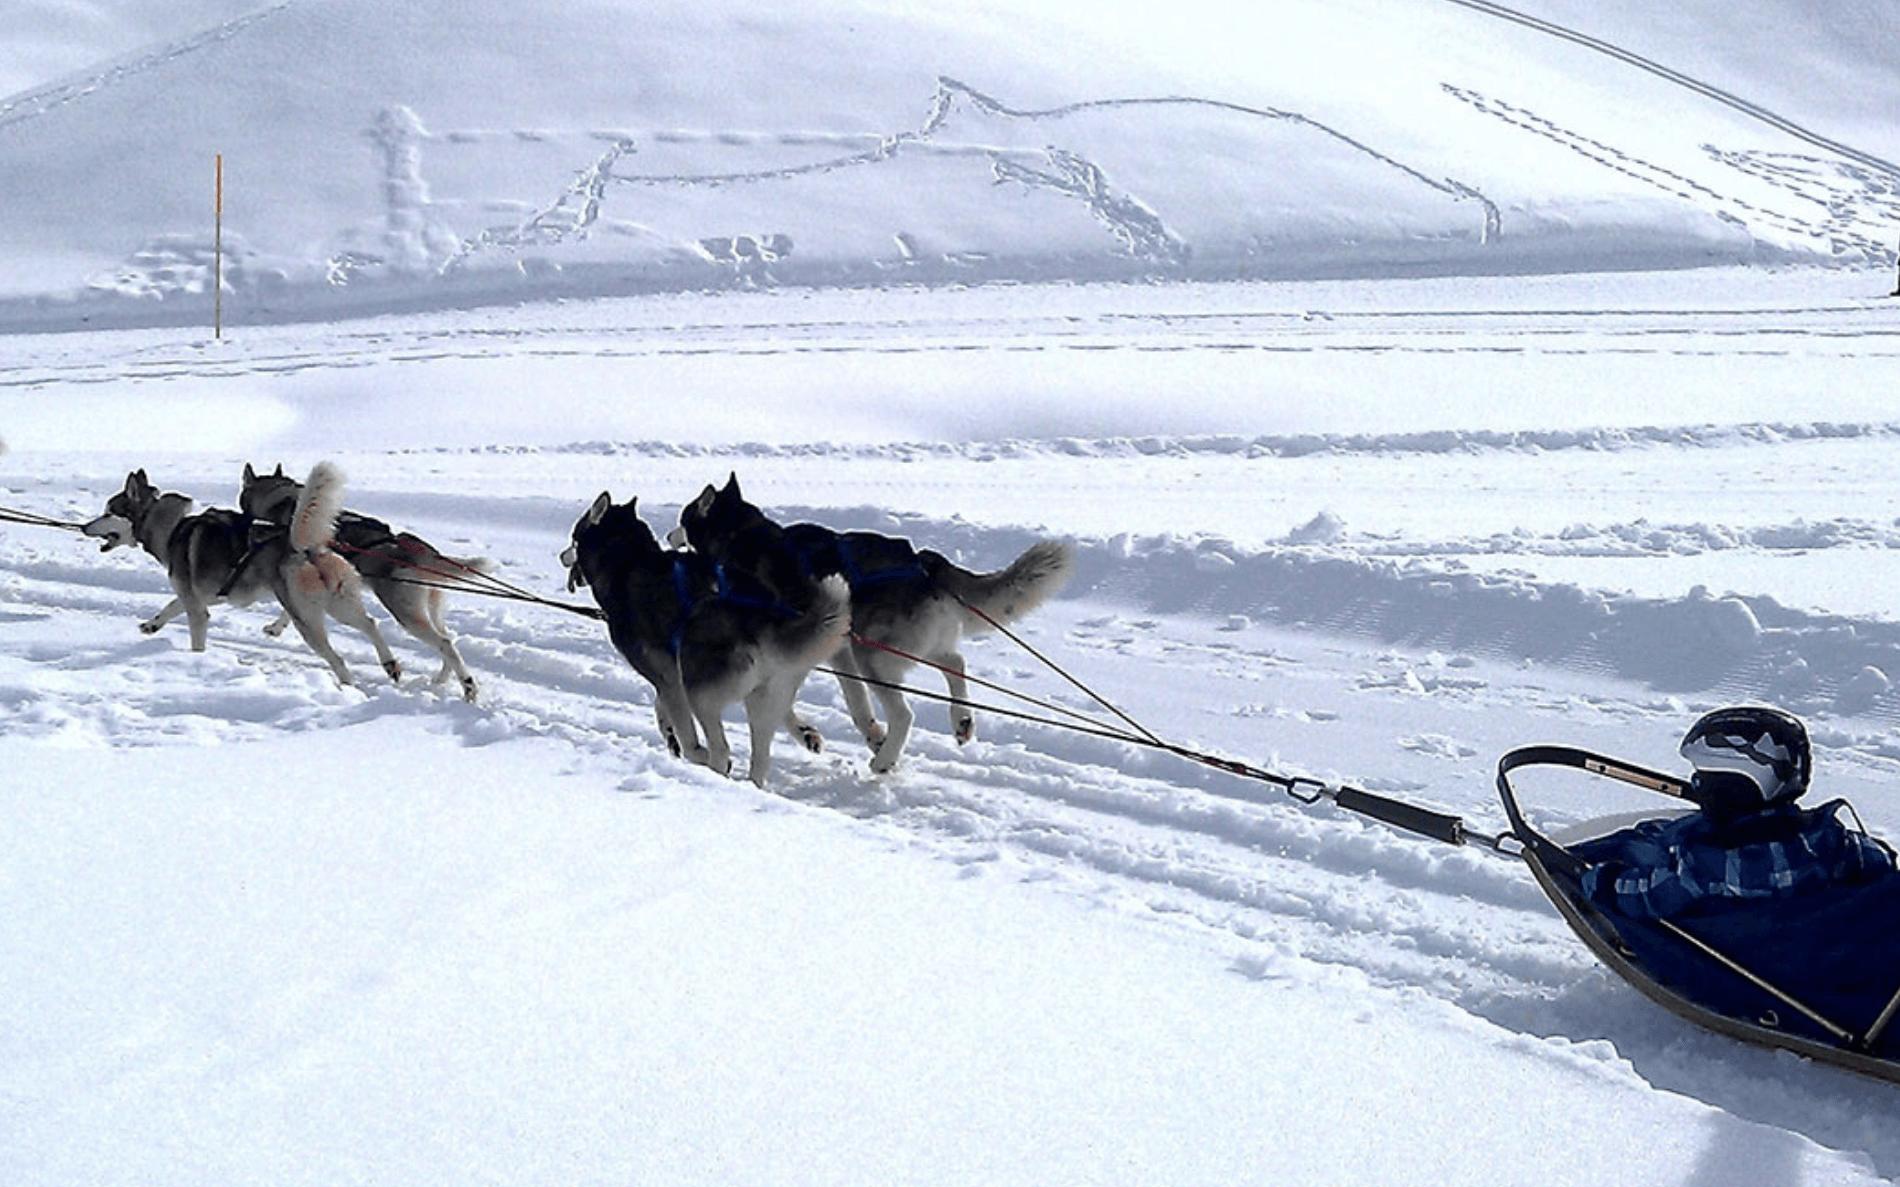 Zweeds winteravontuur inclusief vele winteractiviteiten zoals sneeuwschoenwandelen, ijsvissen, langlaufen of nordic walking.